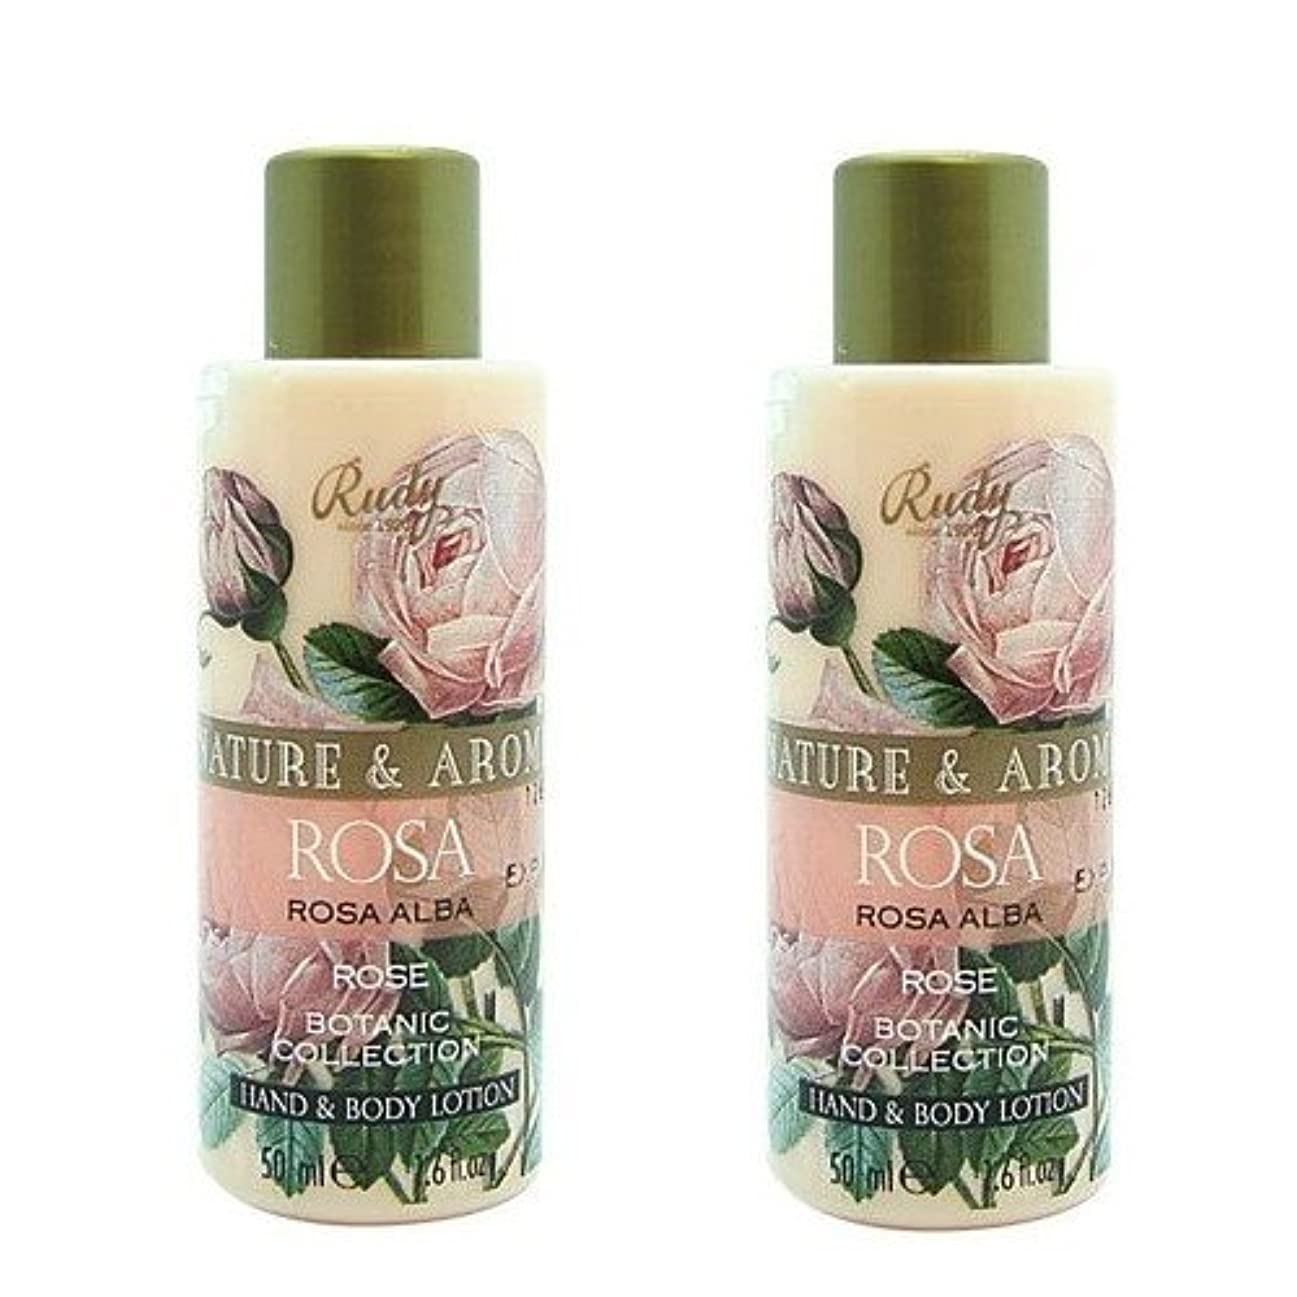 コンパクト利用可能違反する(2個セット)RUDY Nature&Arome SERIES ルディ ナチュール&アロマ Mini Body lotion ミニボディローション ローズ